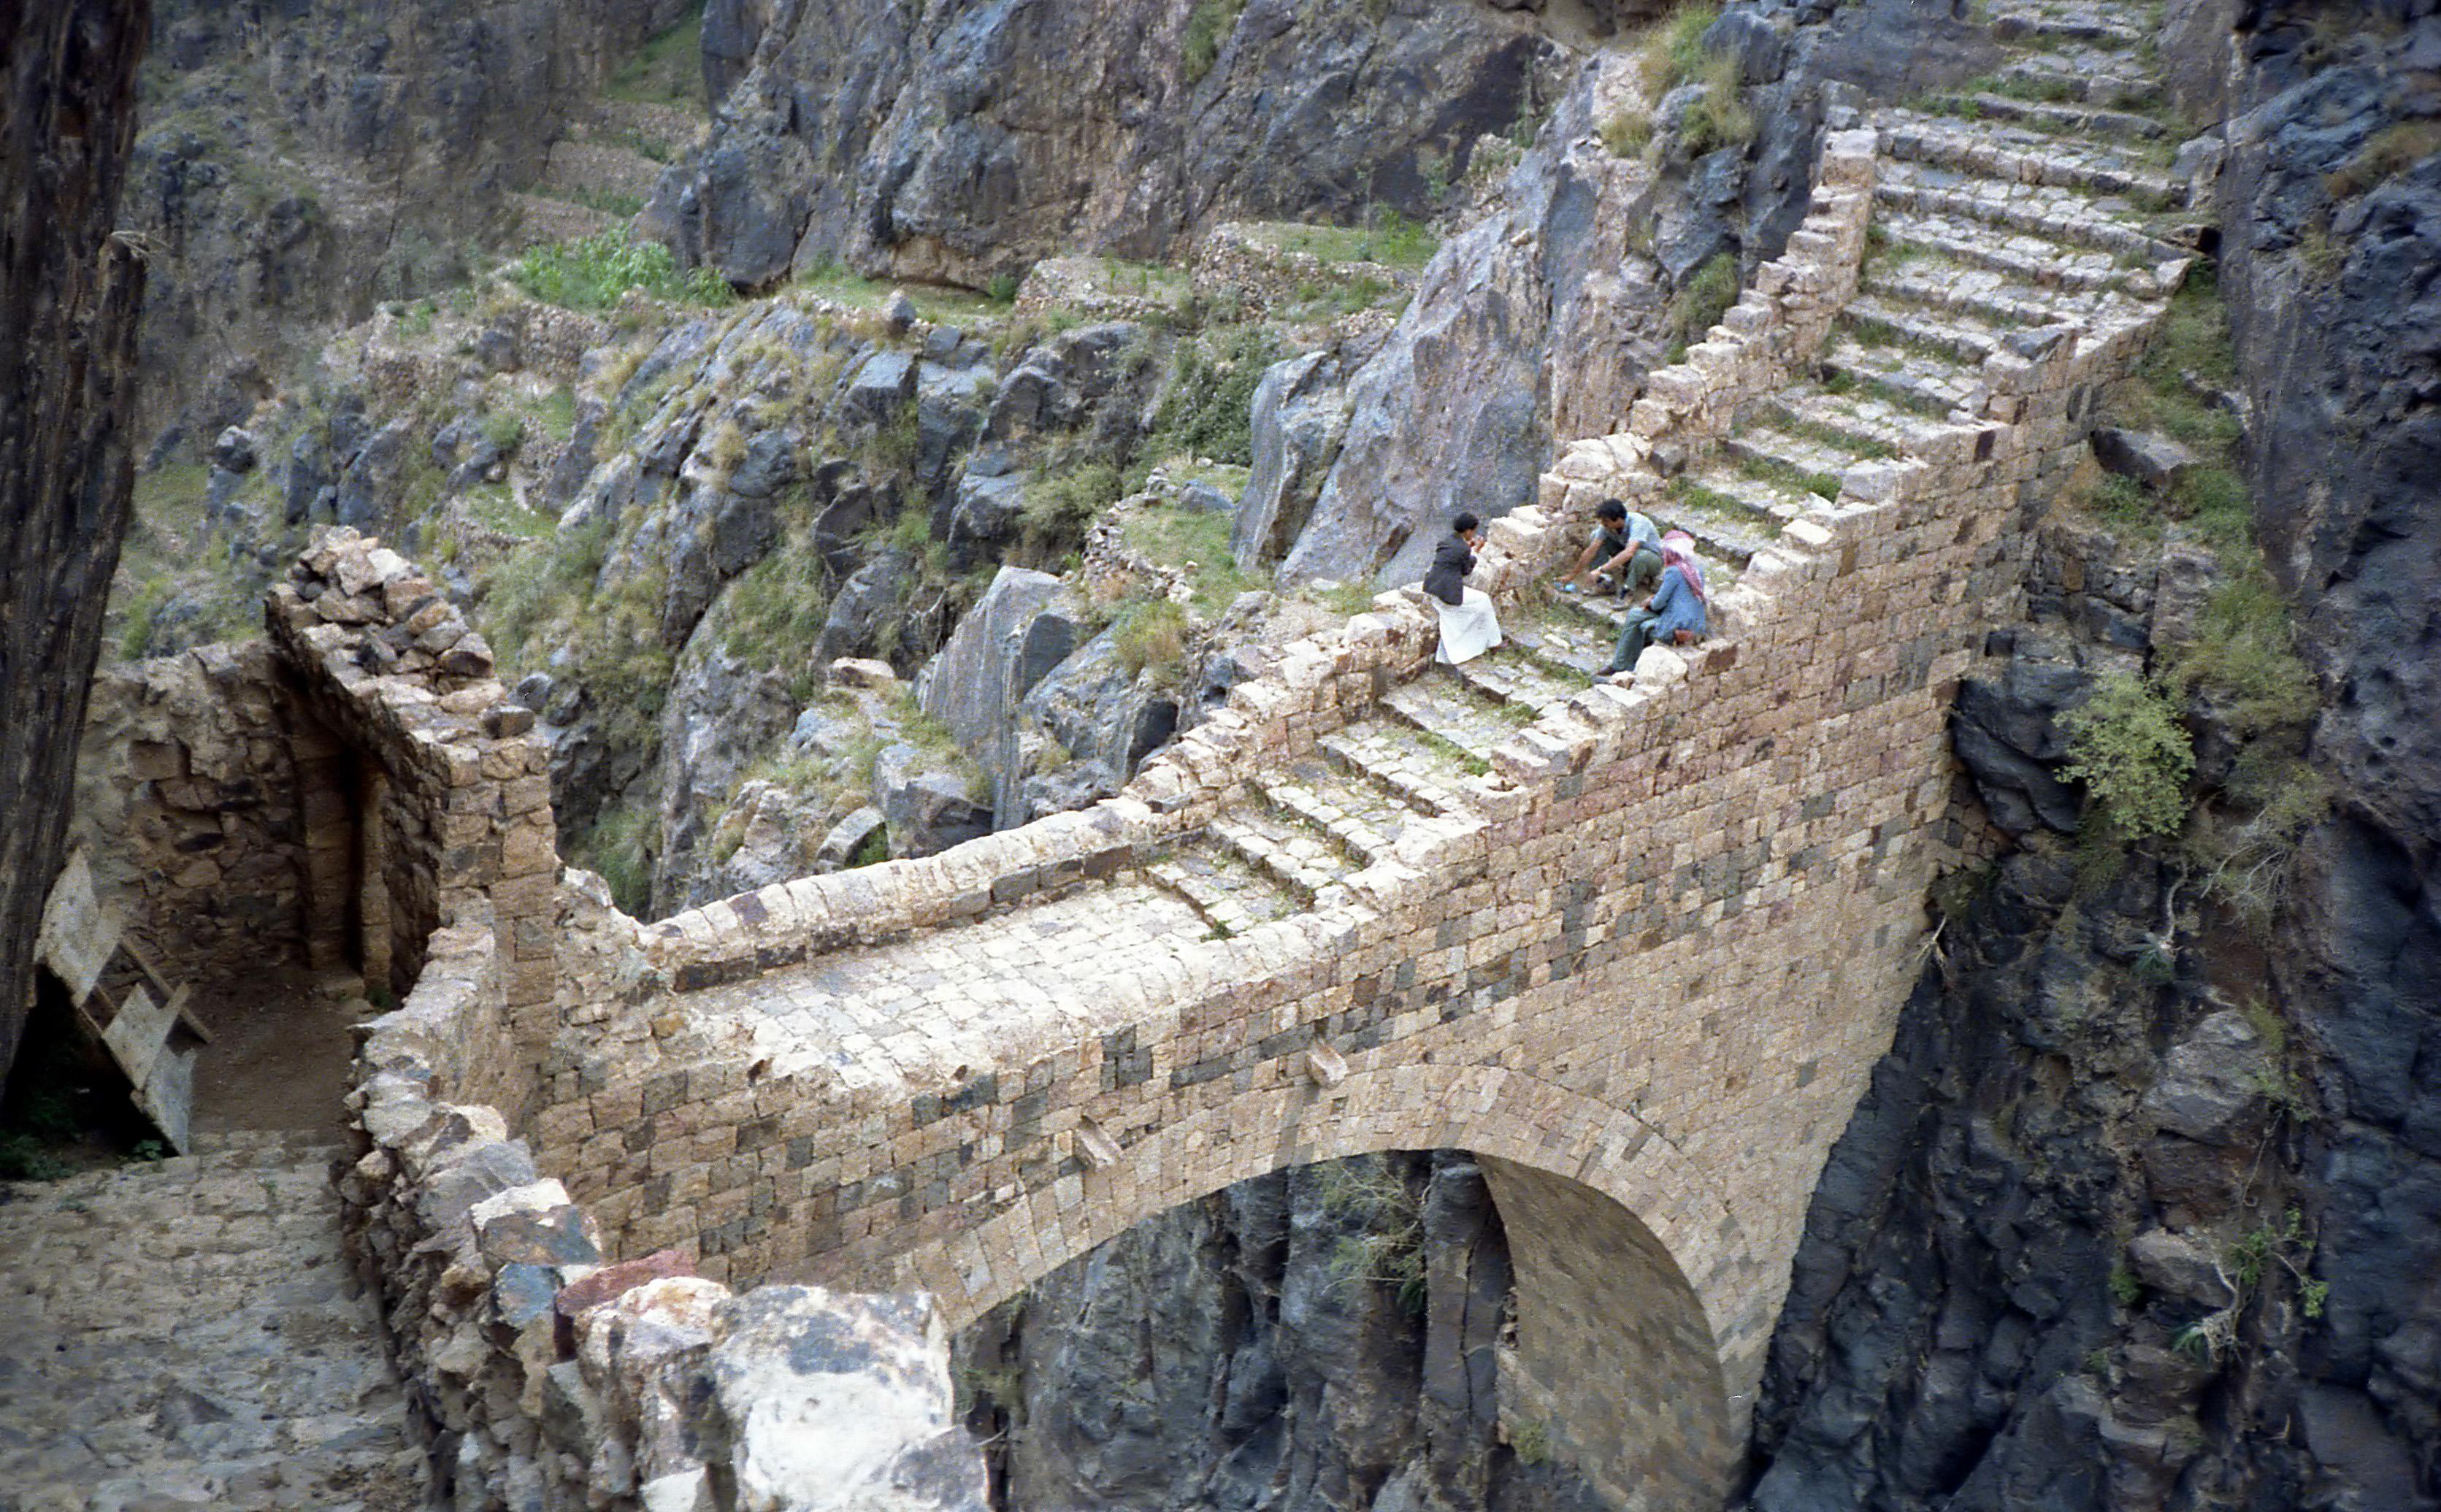 http://upload.wikimedia.org/wikipedia/commons/9/90/Shaharah_Bridge.jpg